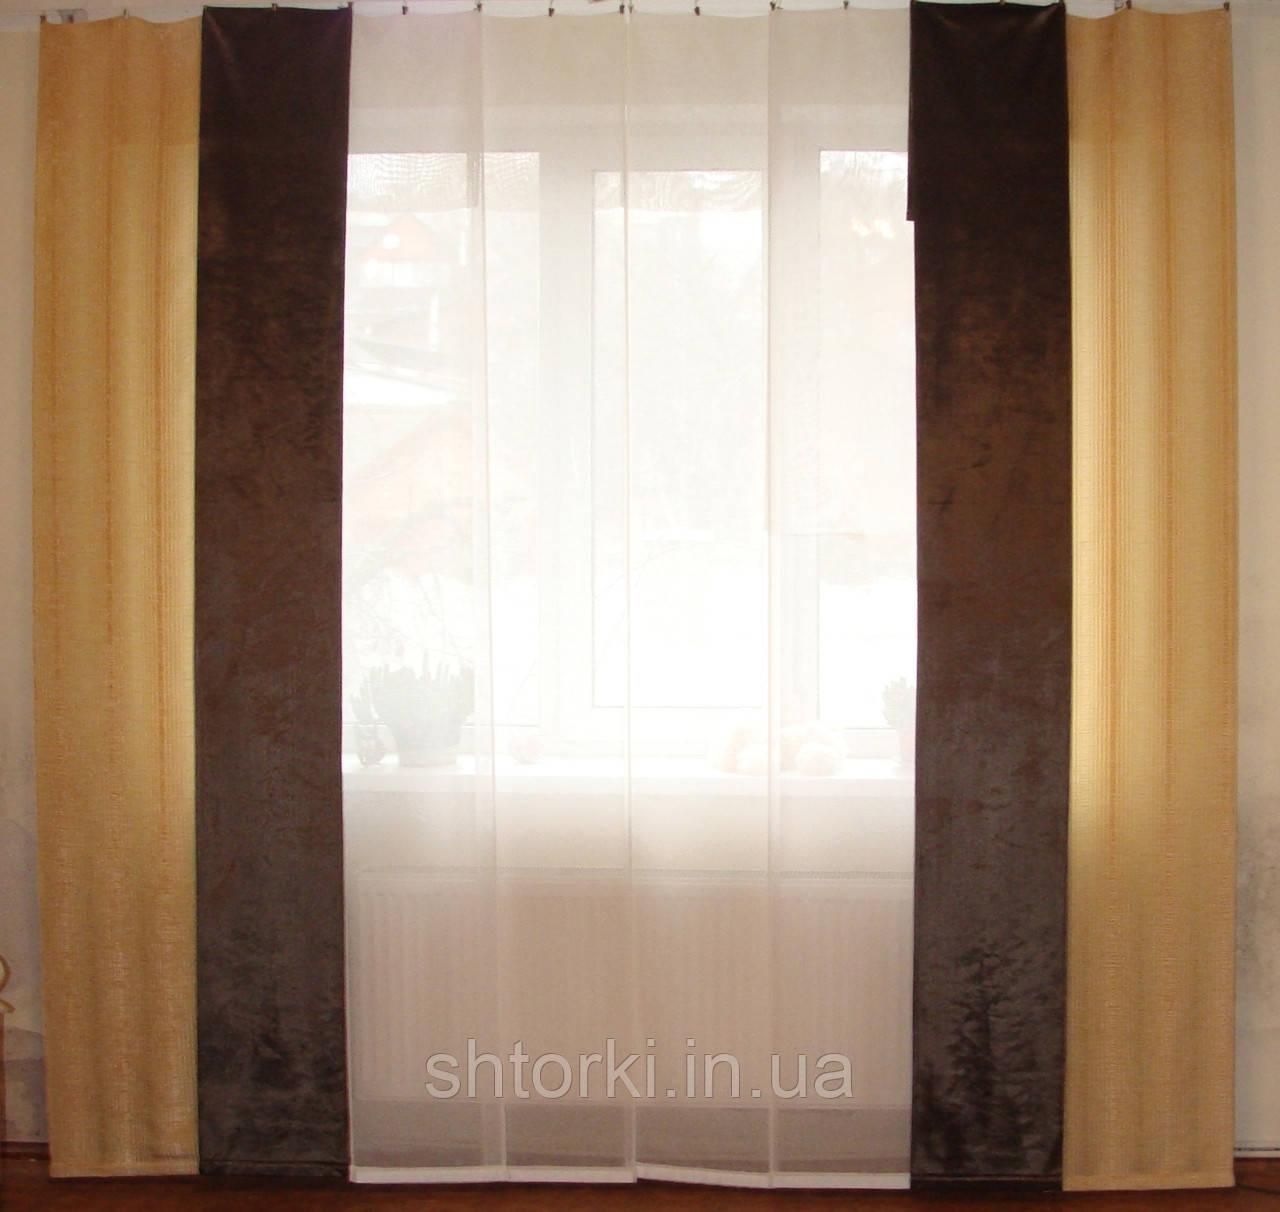 Комплект панельных шторок батист и плюш